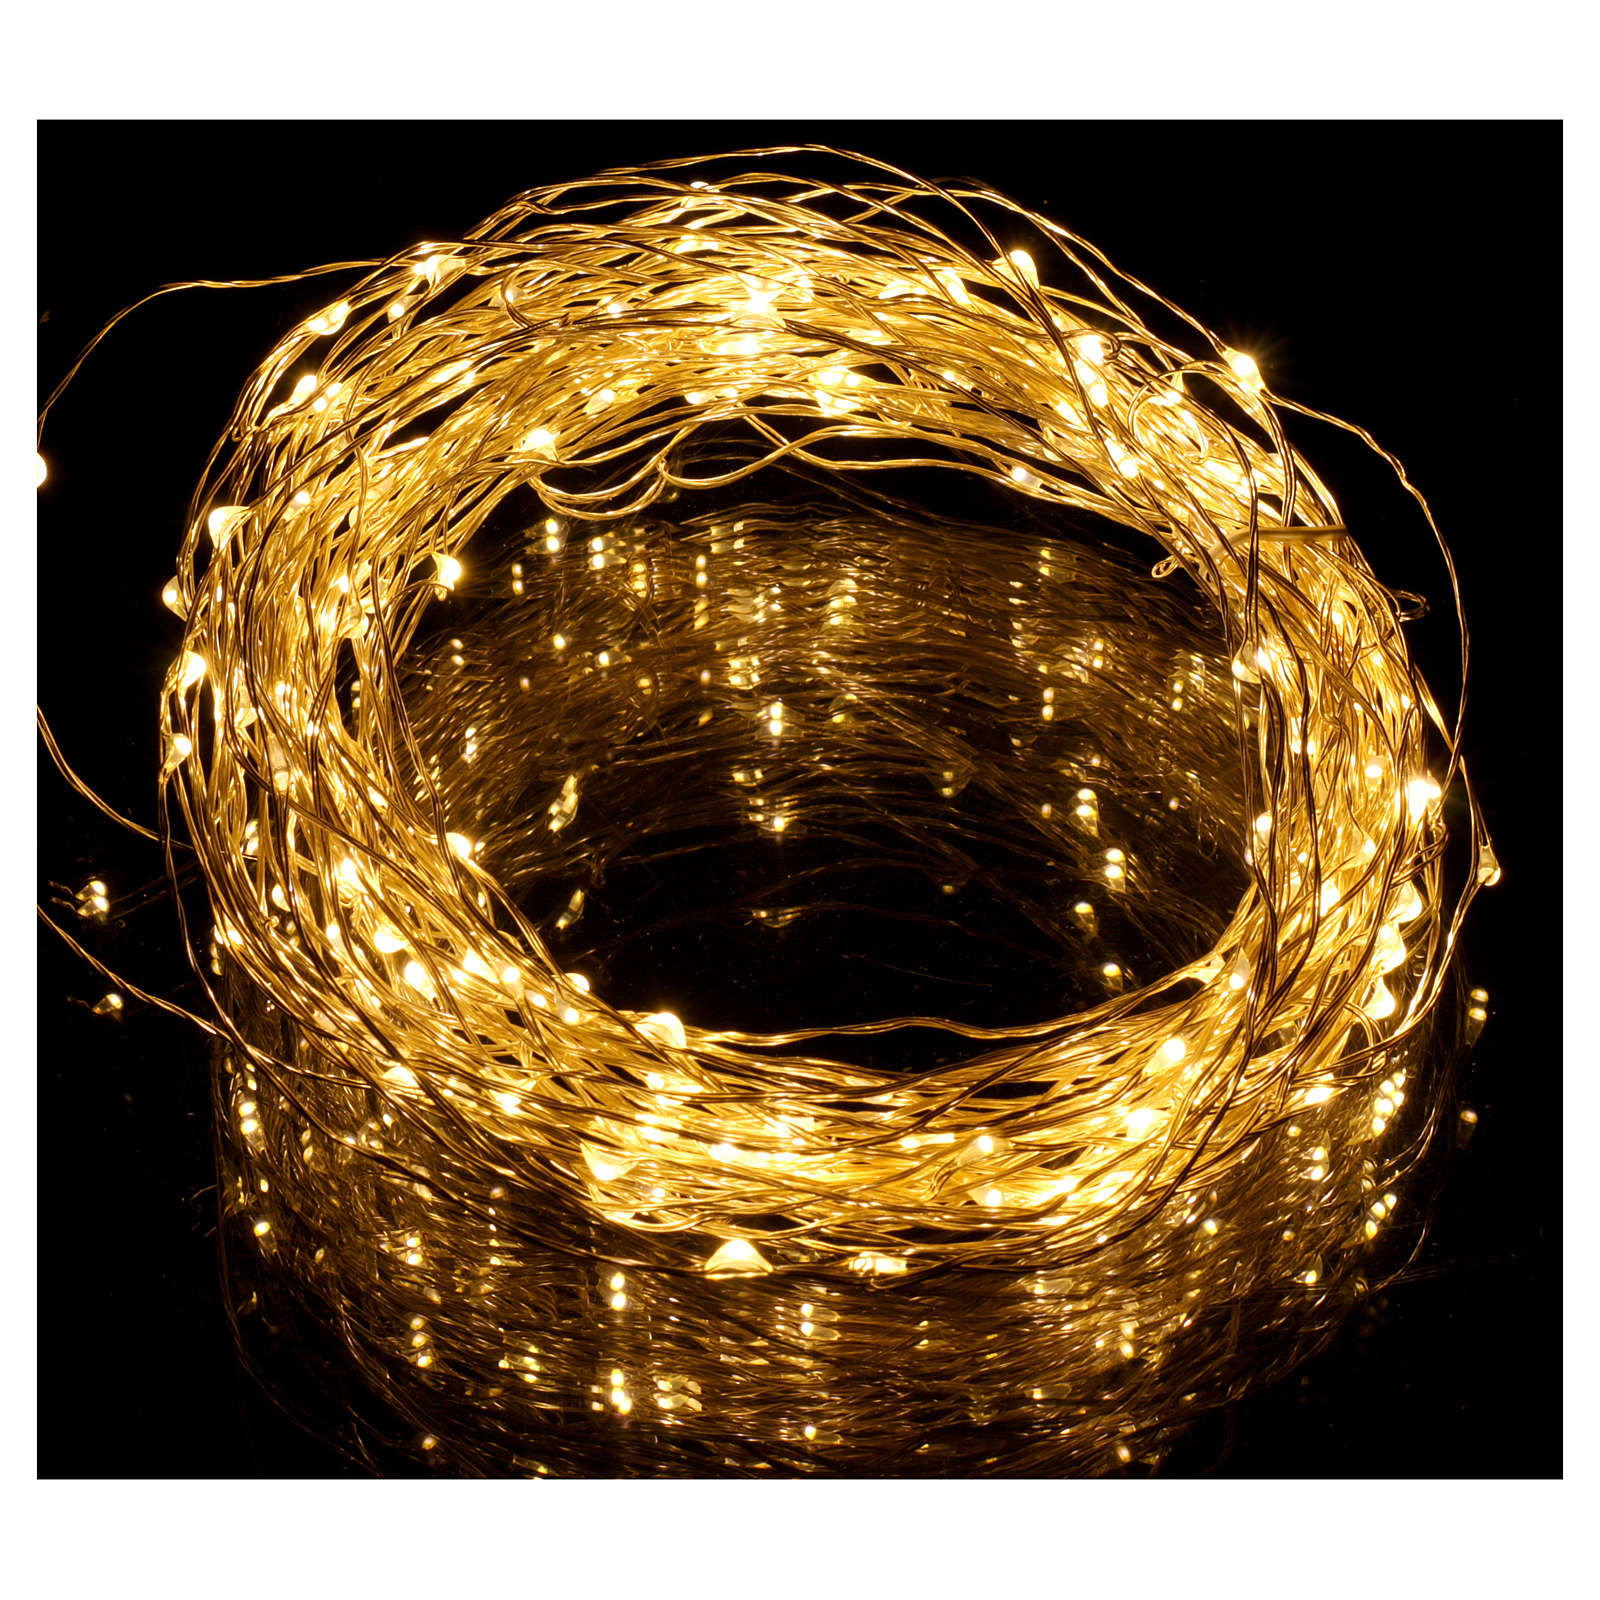 Filo luminoso 180 nano led bianco caldo solo uso interno 3